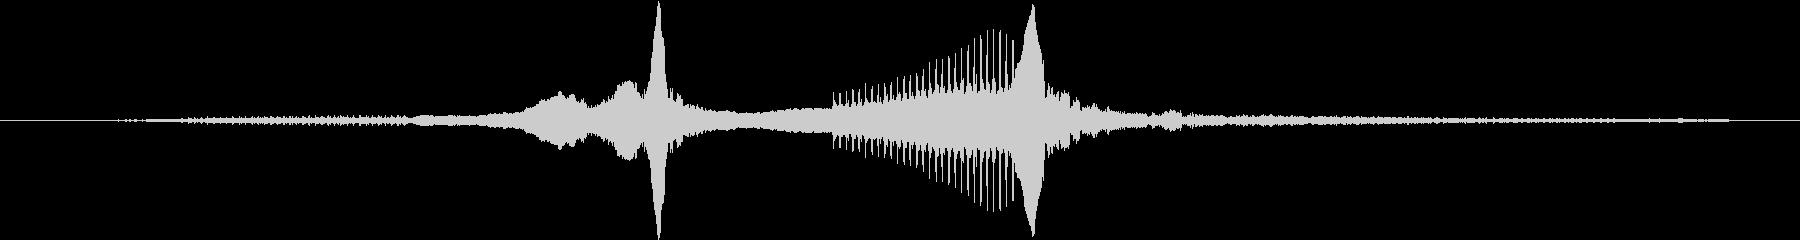 2台のパトカー:サイレン、サイレン...の未再生の波形